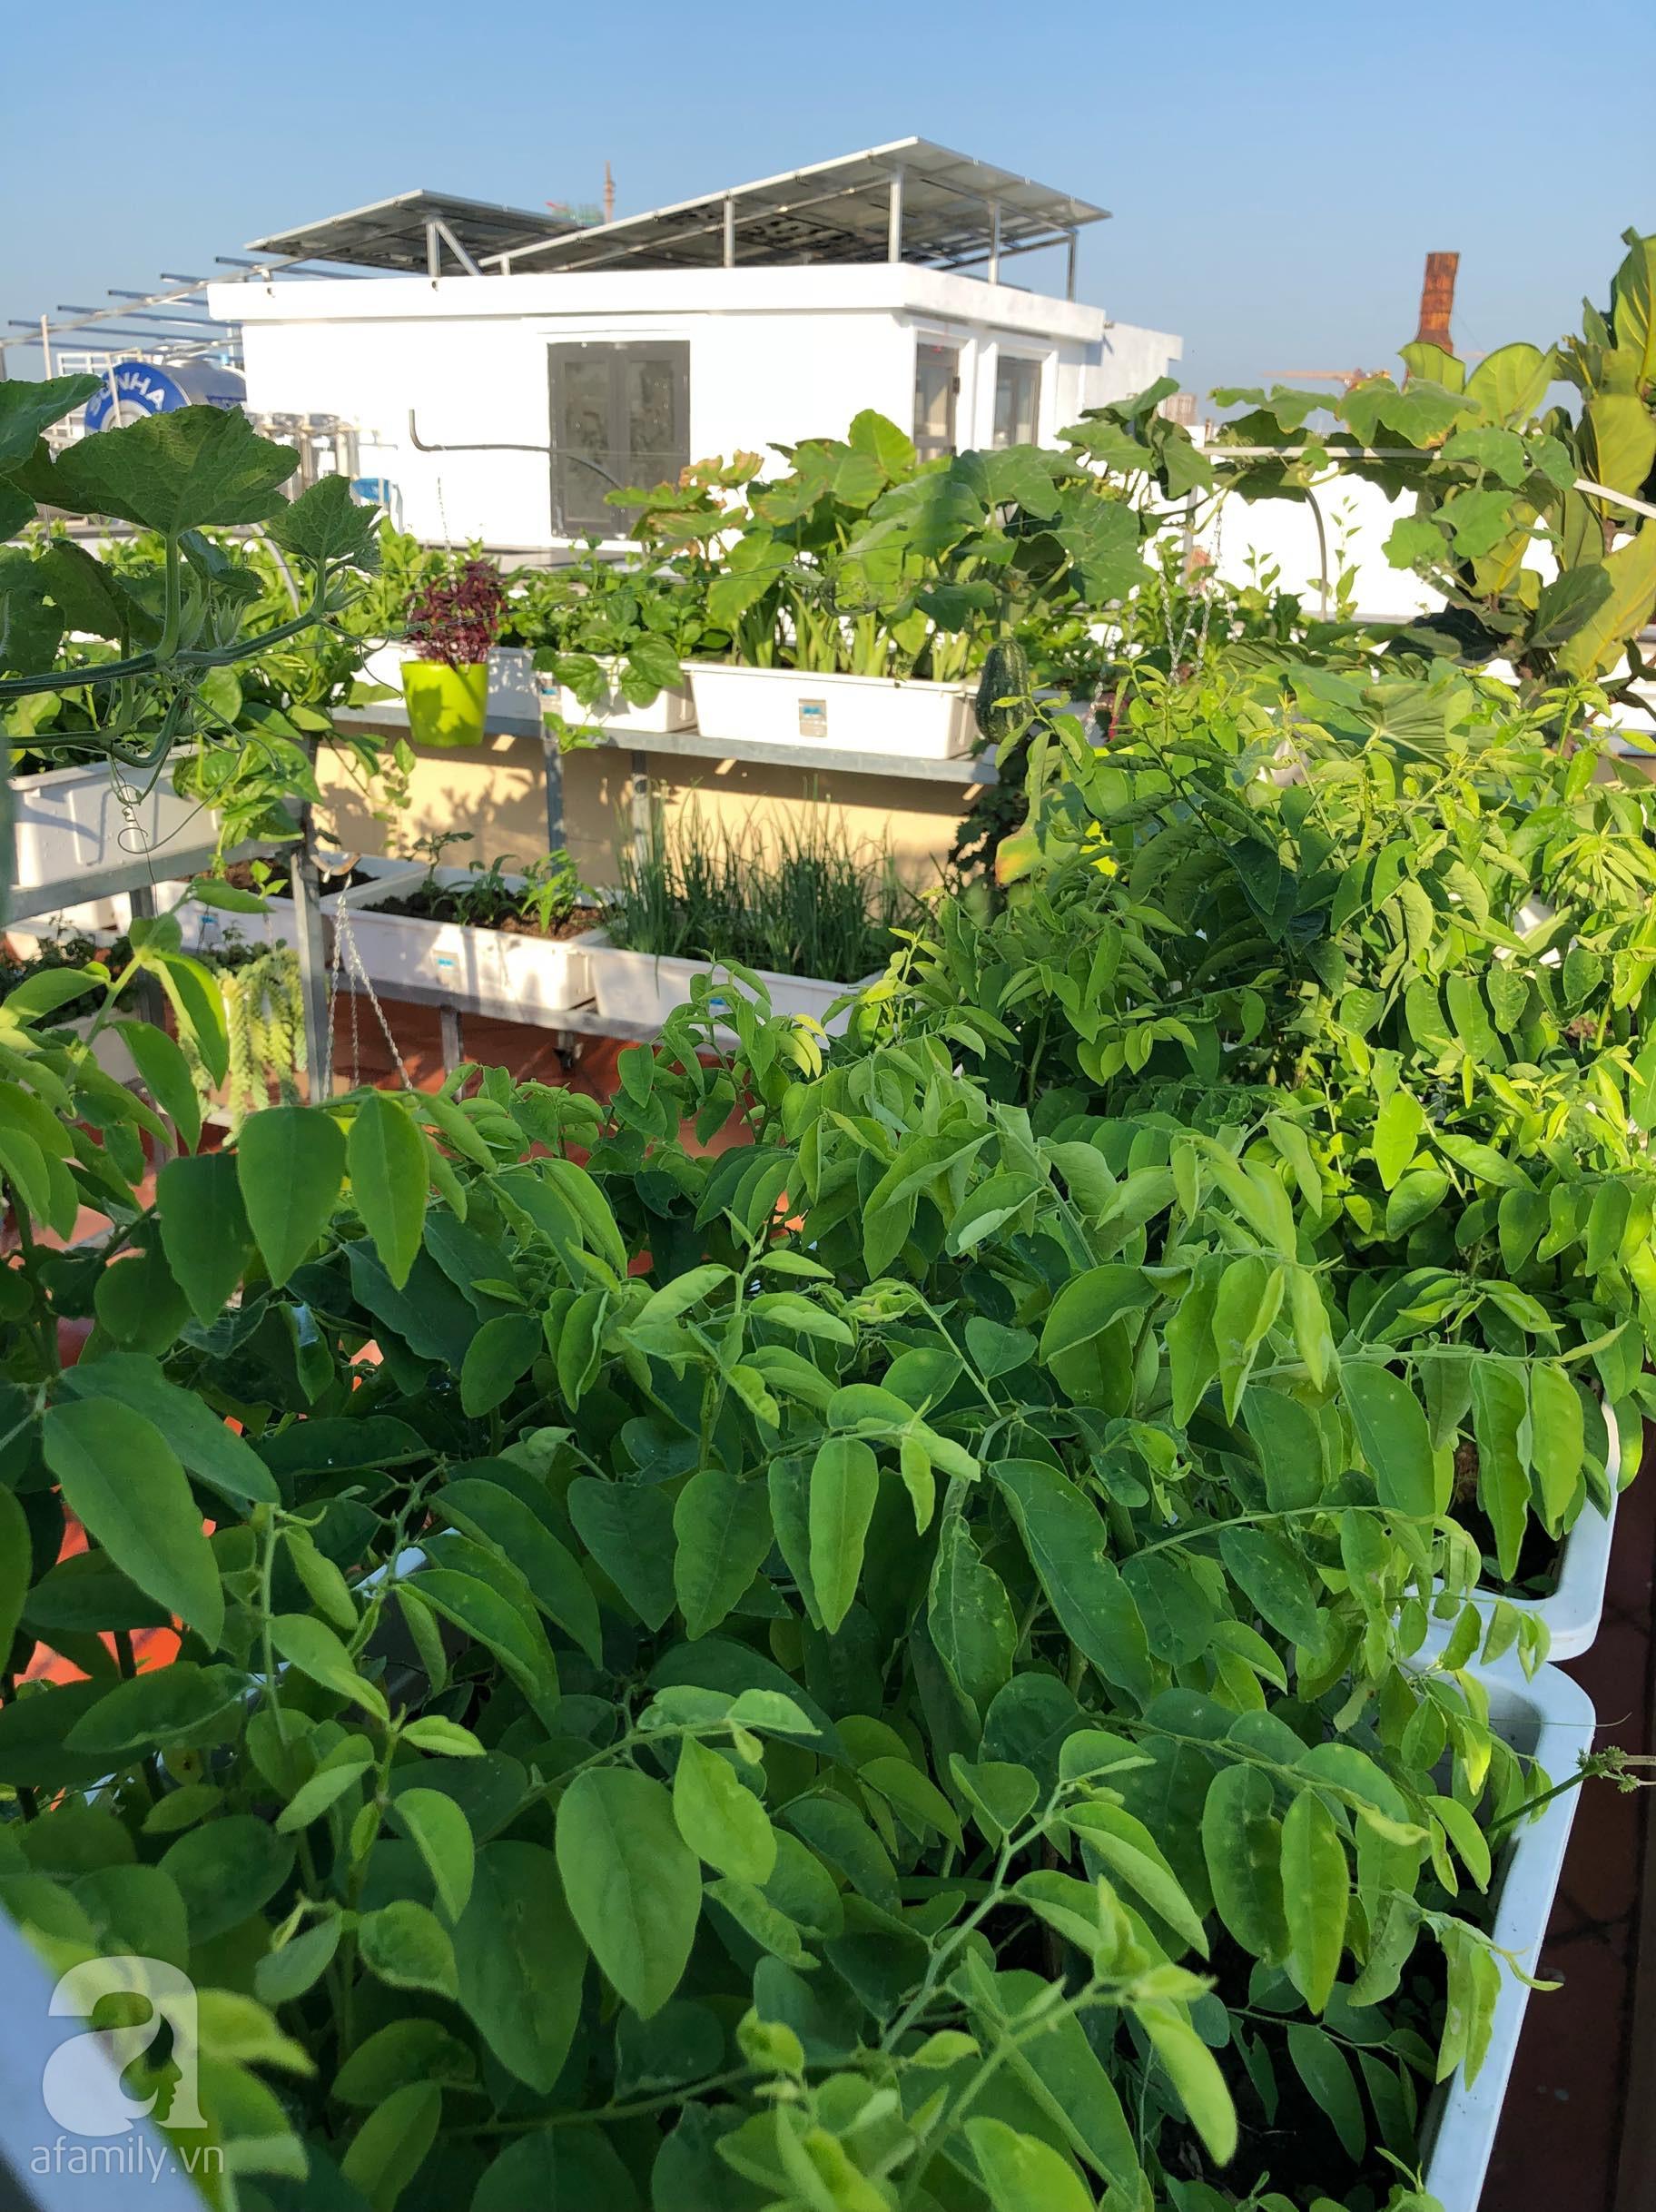 Vườn rau trên sân thượng bạt ngàn rau quả mùa hè của bà mẹ 3 con ở Hải Phòng - Ảnh 2.